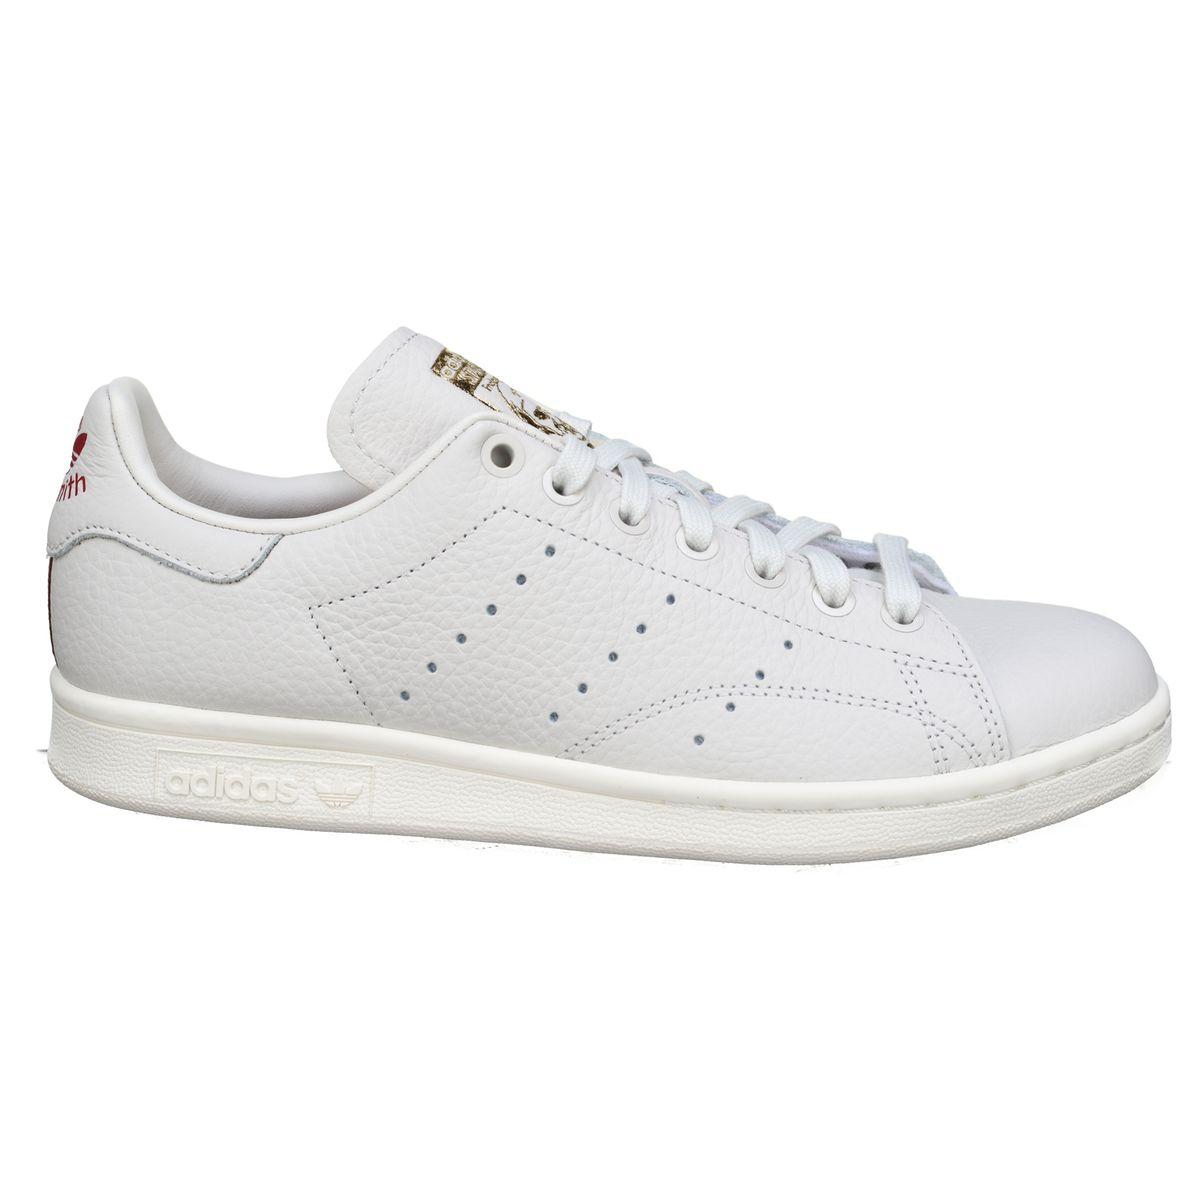 fournisseur officiel modèles à la mode prix pas cher Basket Stan Smith - Taille : 36;38 2/3 | Products | Basket ...